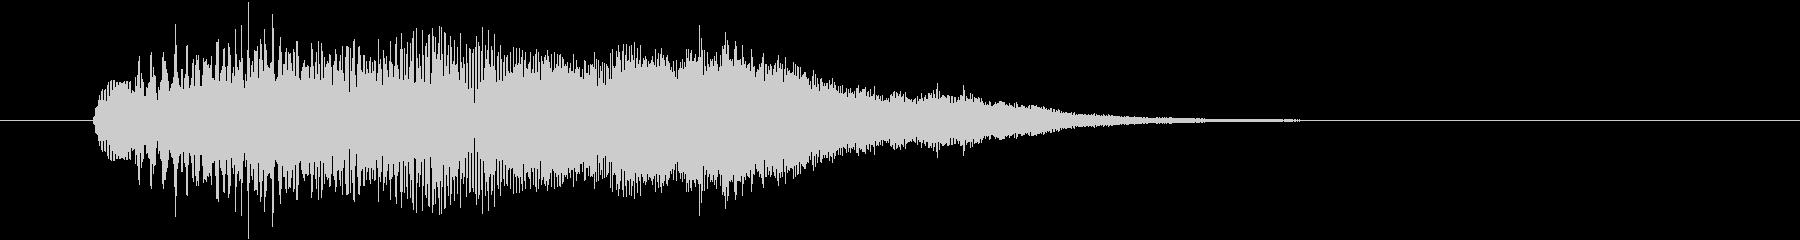 キラキラアルペジオ1の未再生の波形